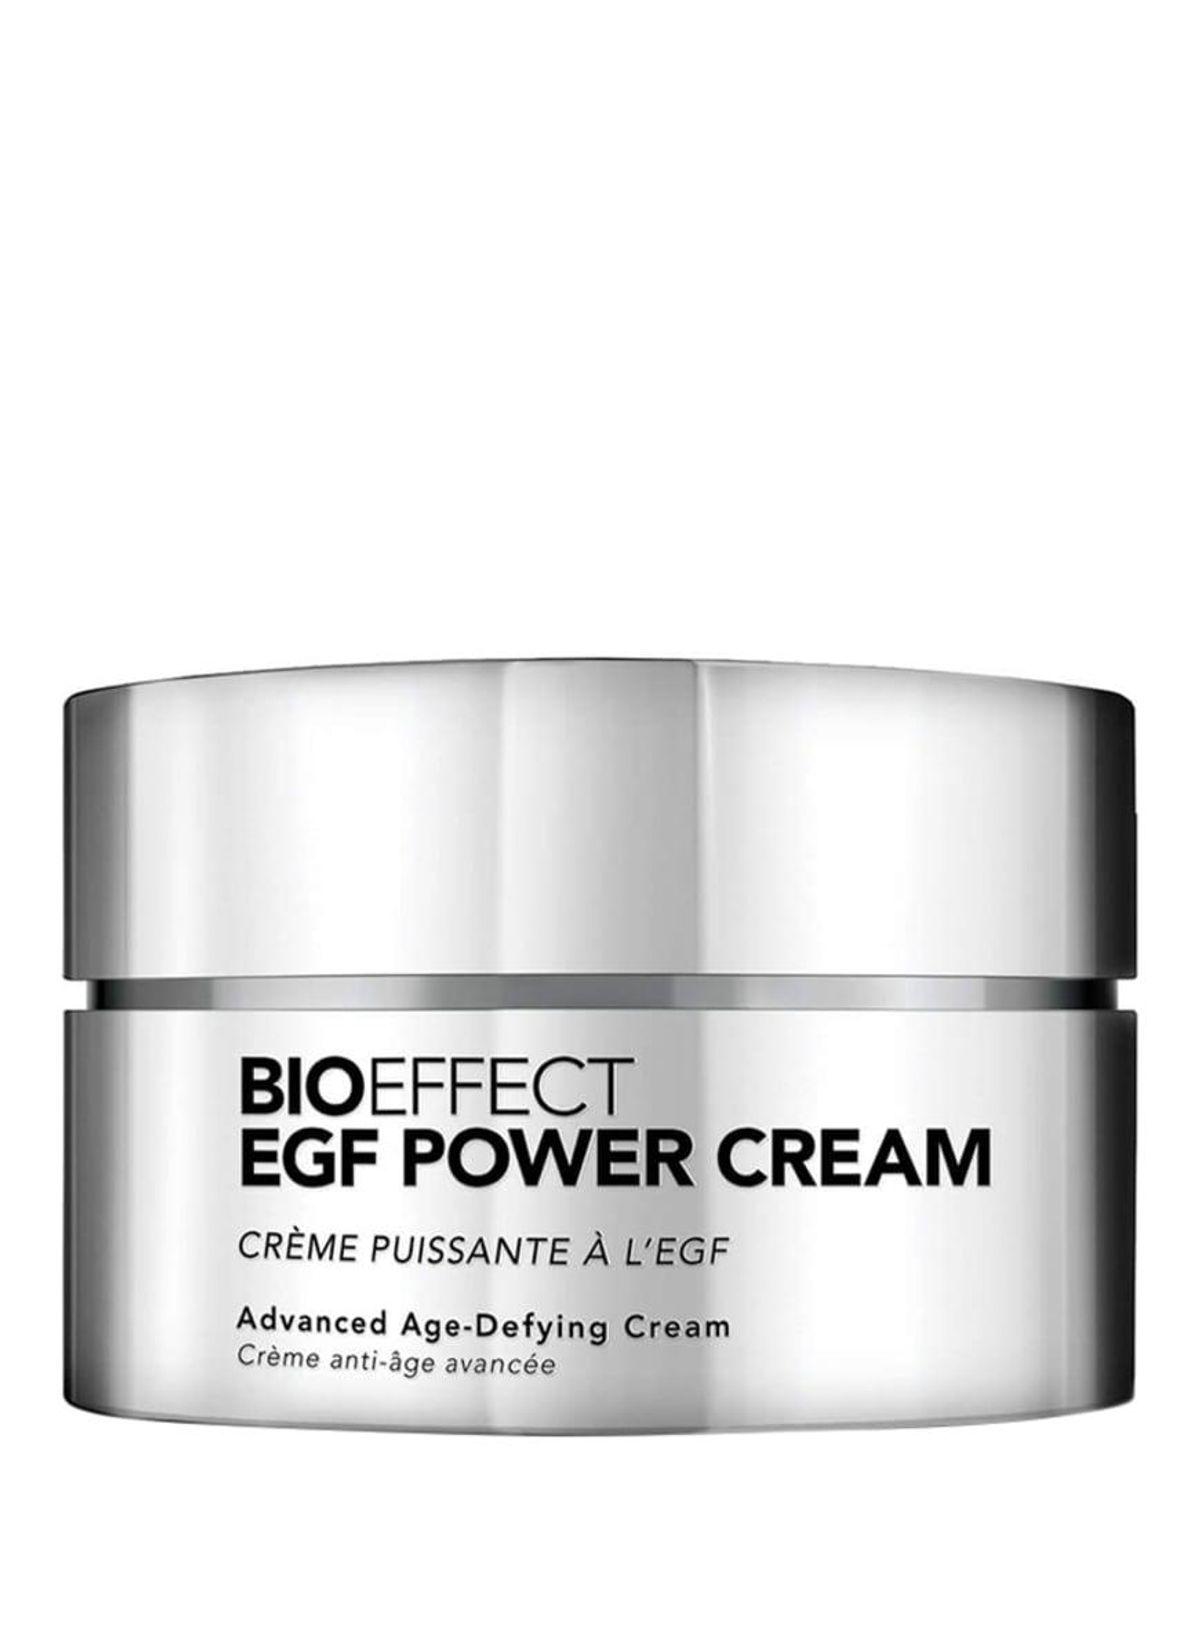 EGF Power Cream